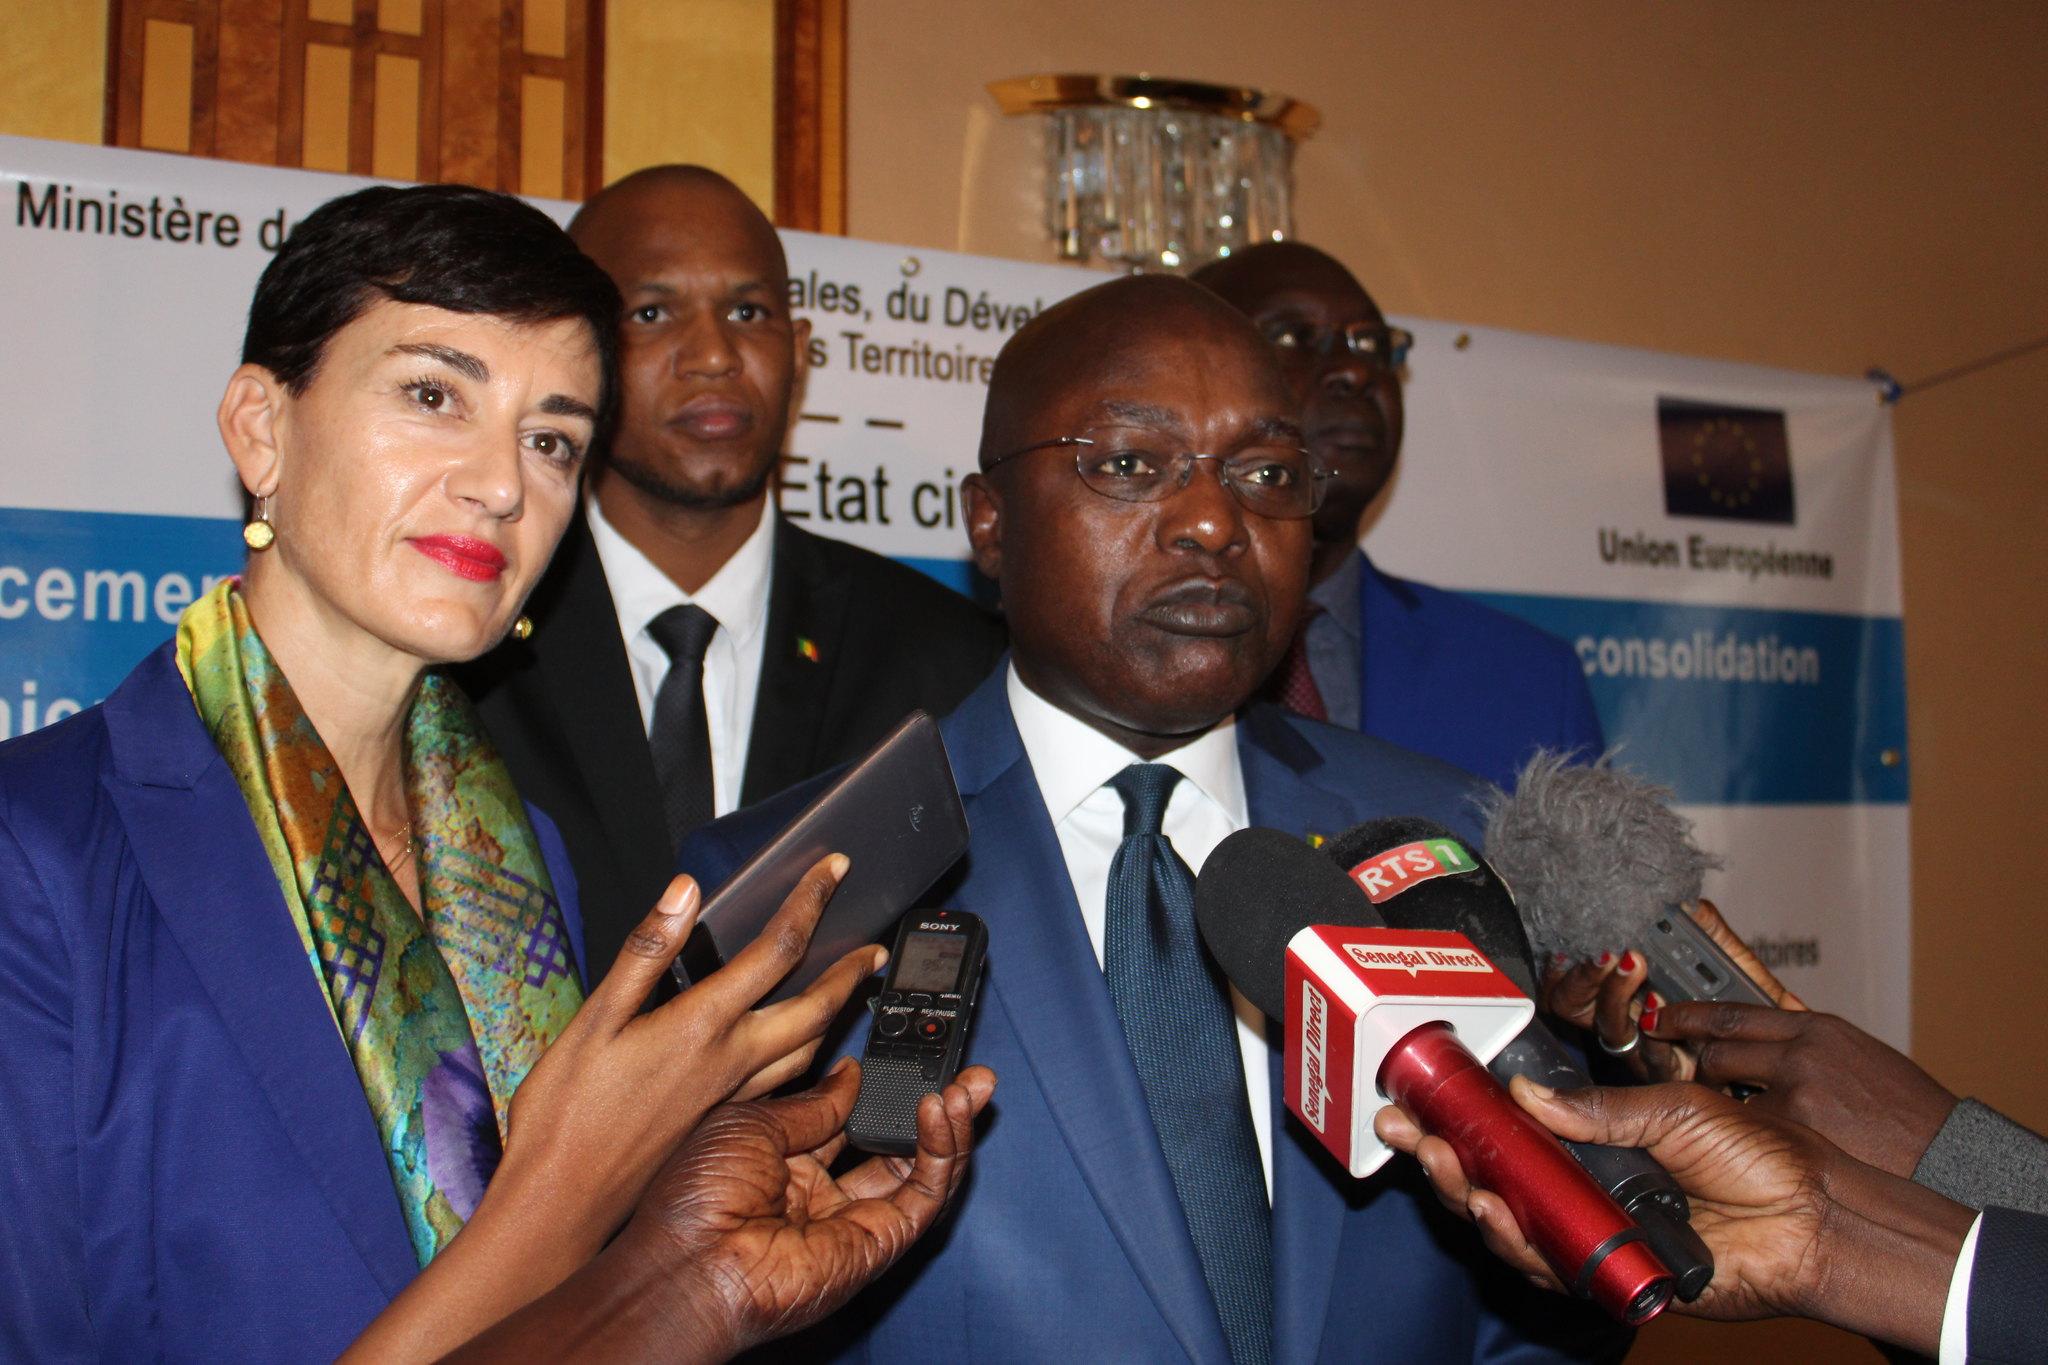 Programme Direction Etat Civil, Modernisation de l'Etat Civil au Sénégal, Aliou Ousmane Sall Directeur de l'Etat Civil Sénégal (1)